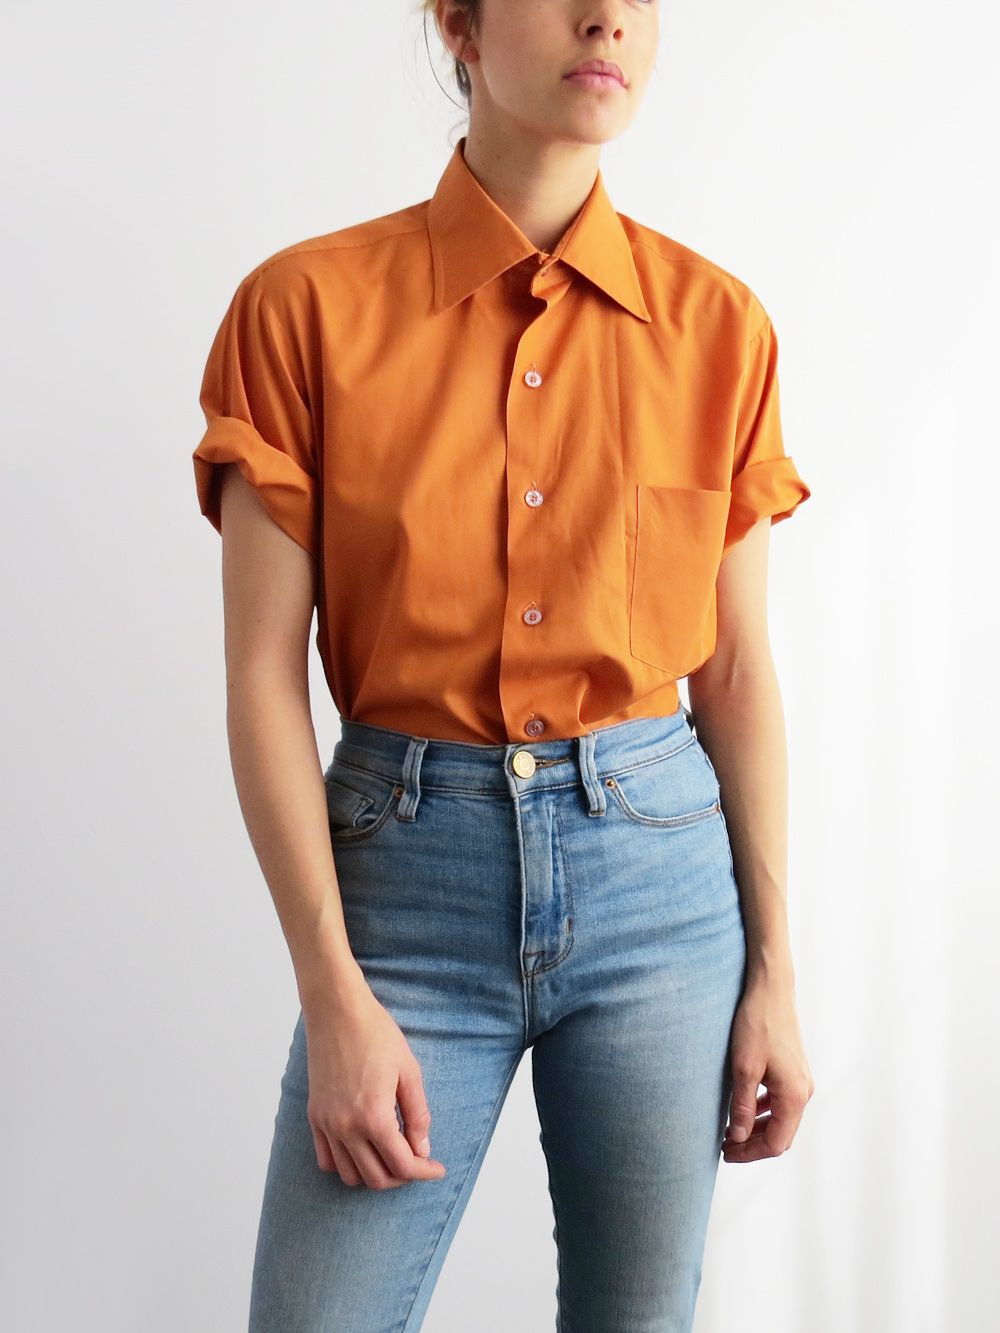 f446275936 Burnt Orange Blouse    Vintage Button Up Shirt SOLD